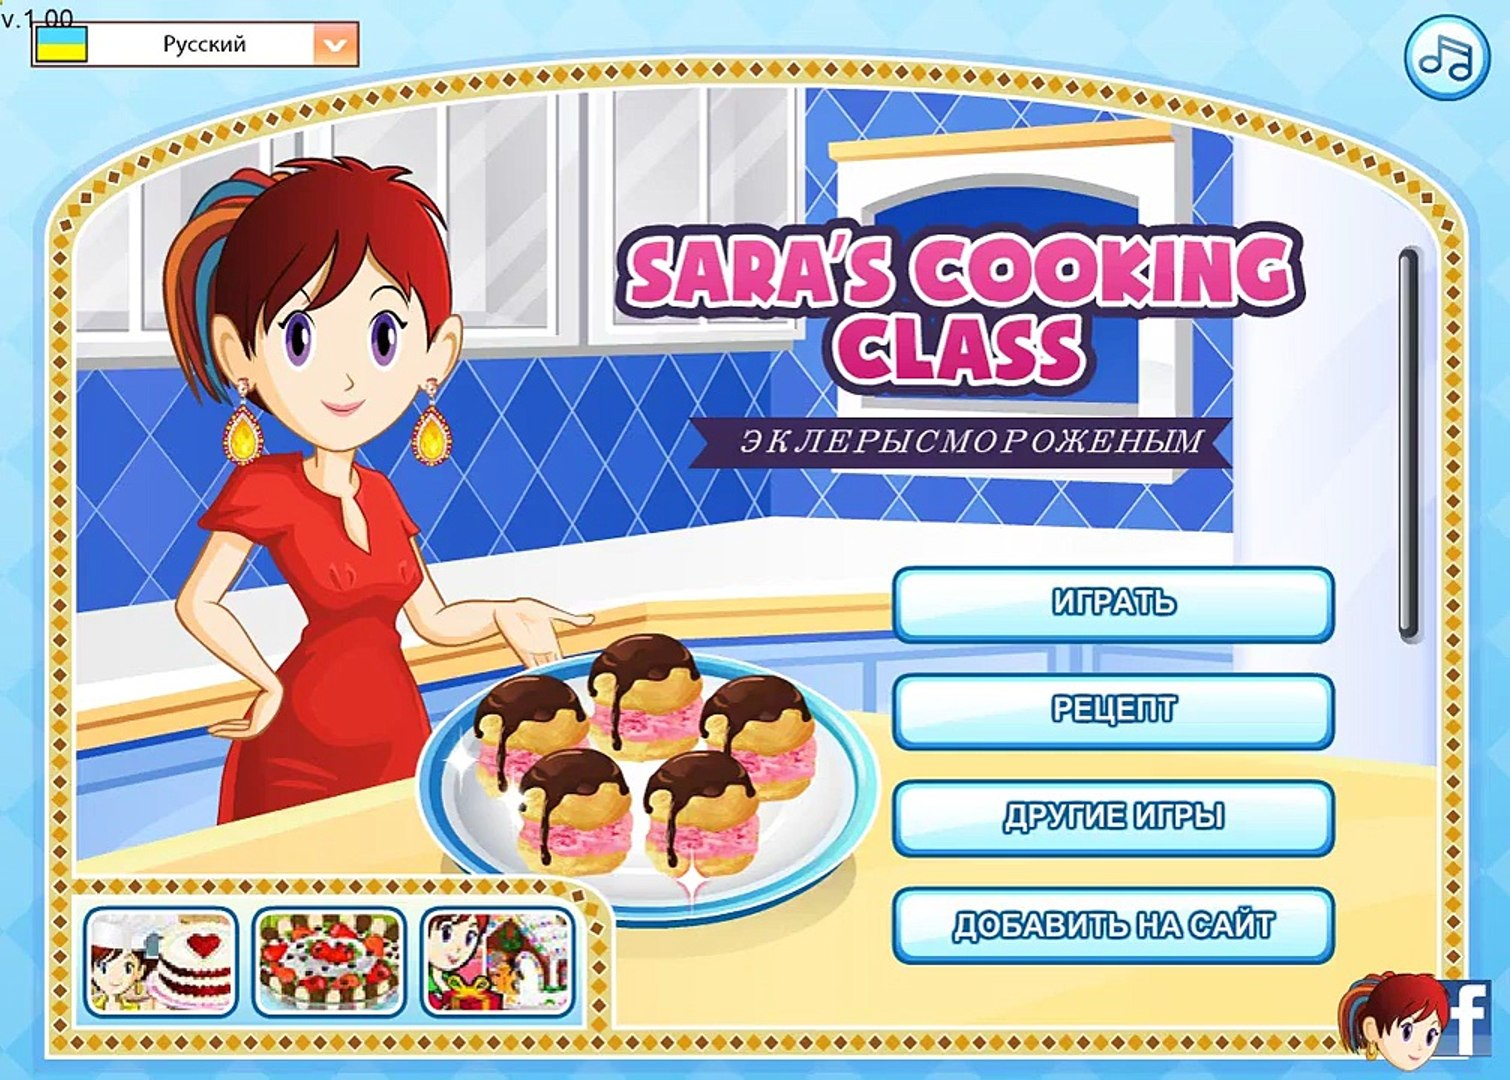 Игра девочкам - готовим эклеры с мороженым! Видео для детей!